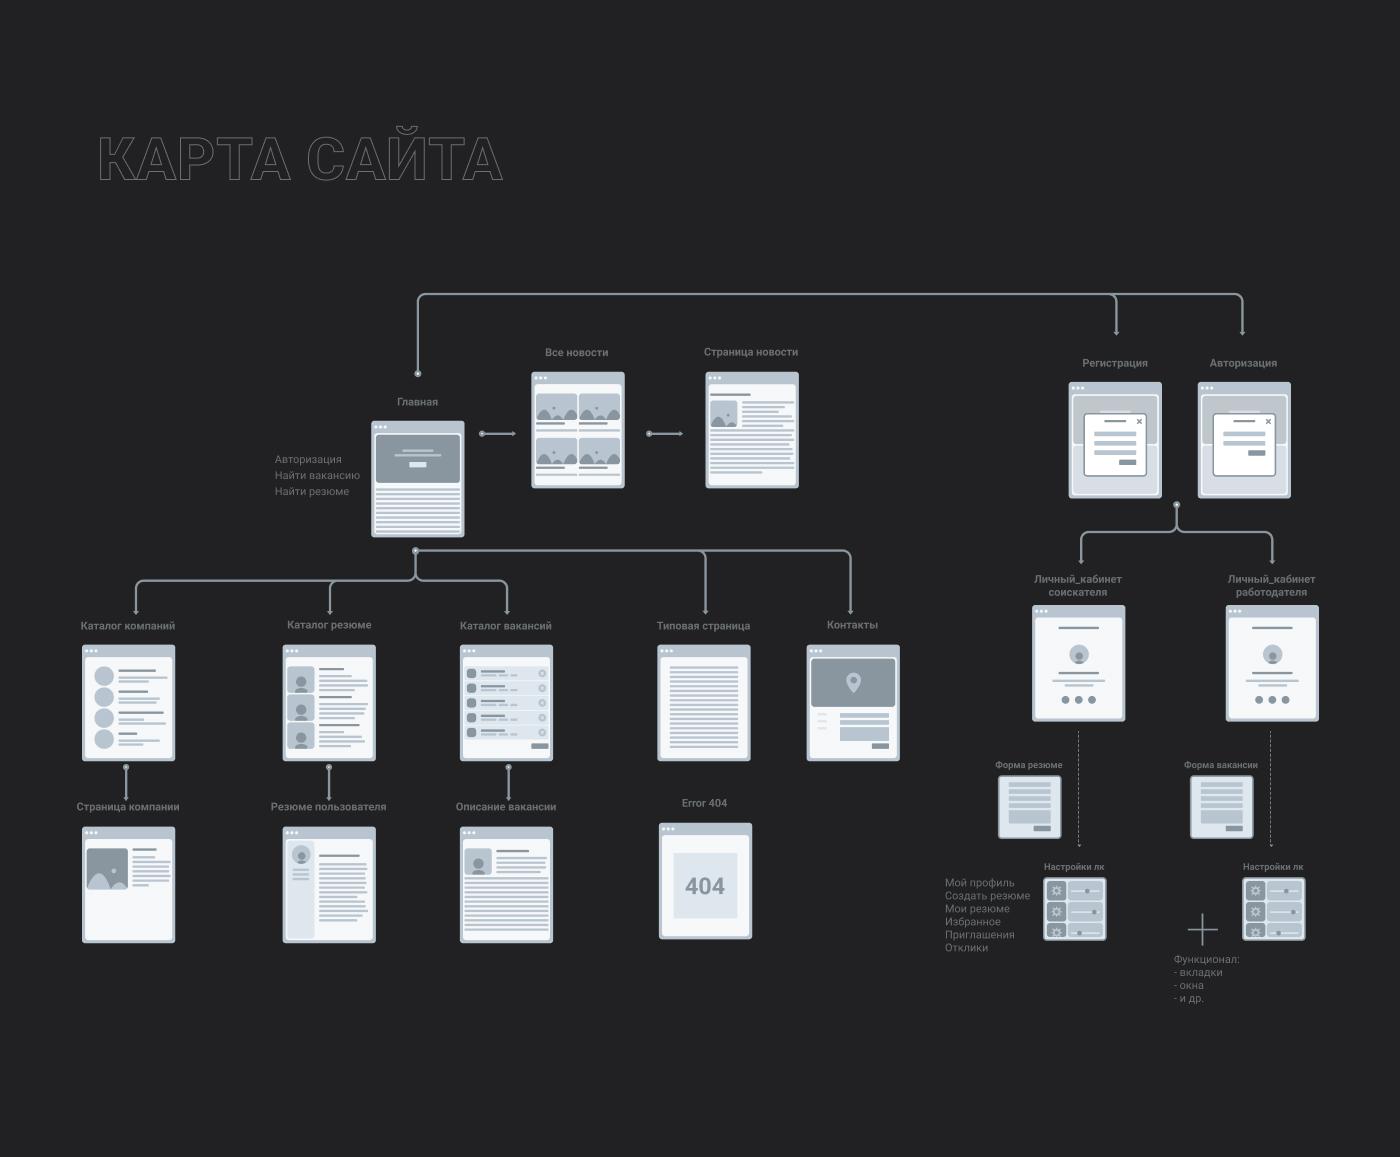 карта сайта. Дизайн сайта. Кейс